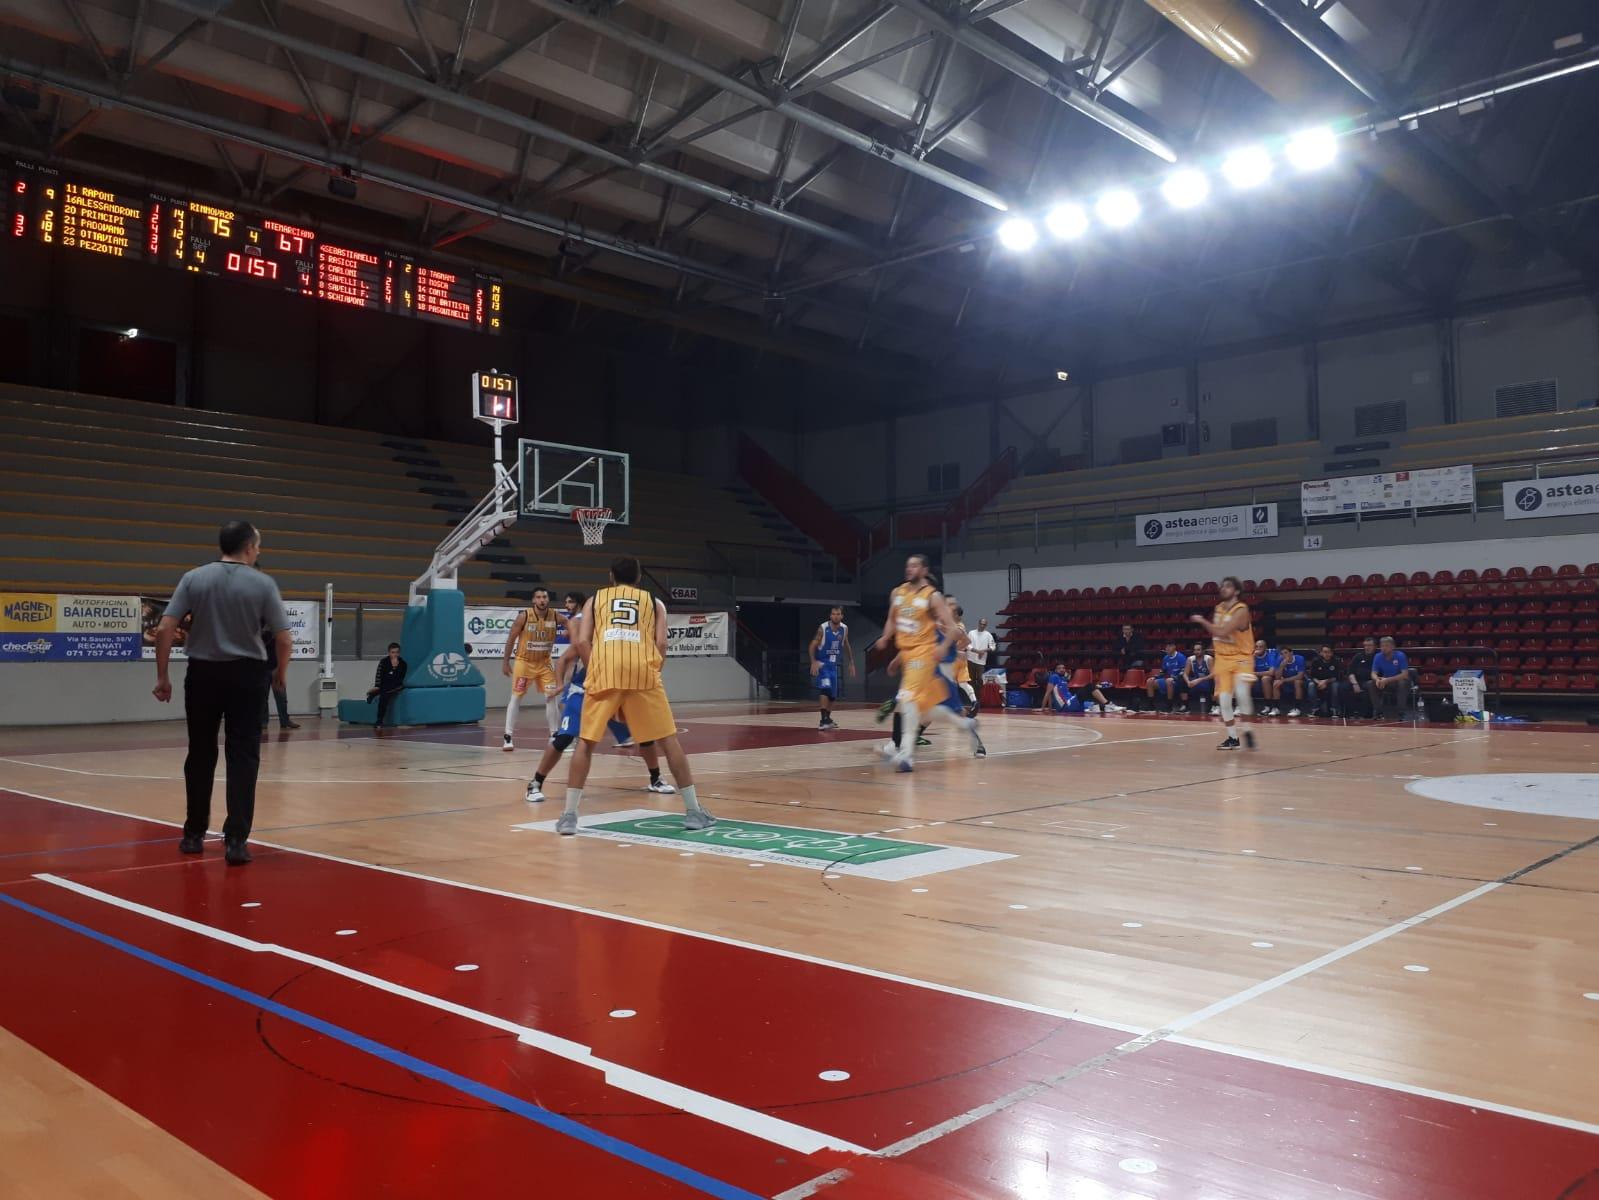 Pallacanestro Recanati, il Presidente Ottaviani lancia un importante messaggio di fair play ai propri tifosi - Serie C Silver Girone Marche-Umbria - Basketmarche.it